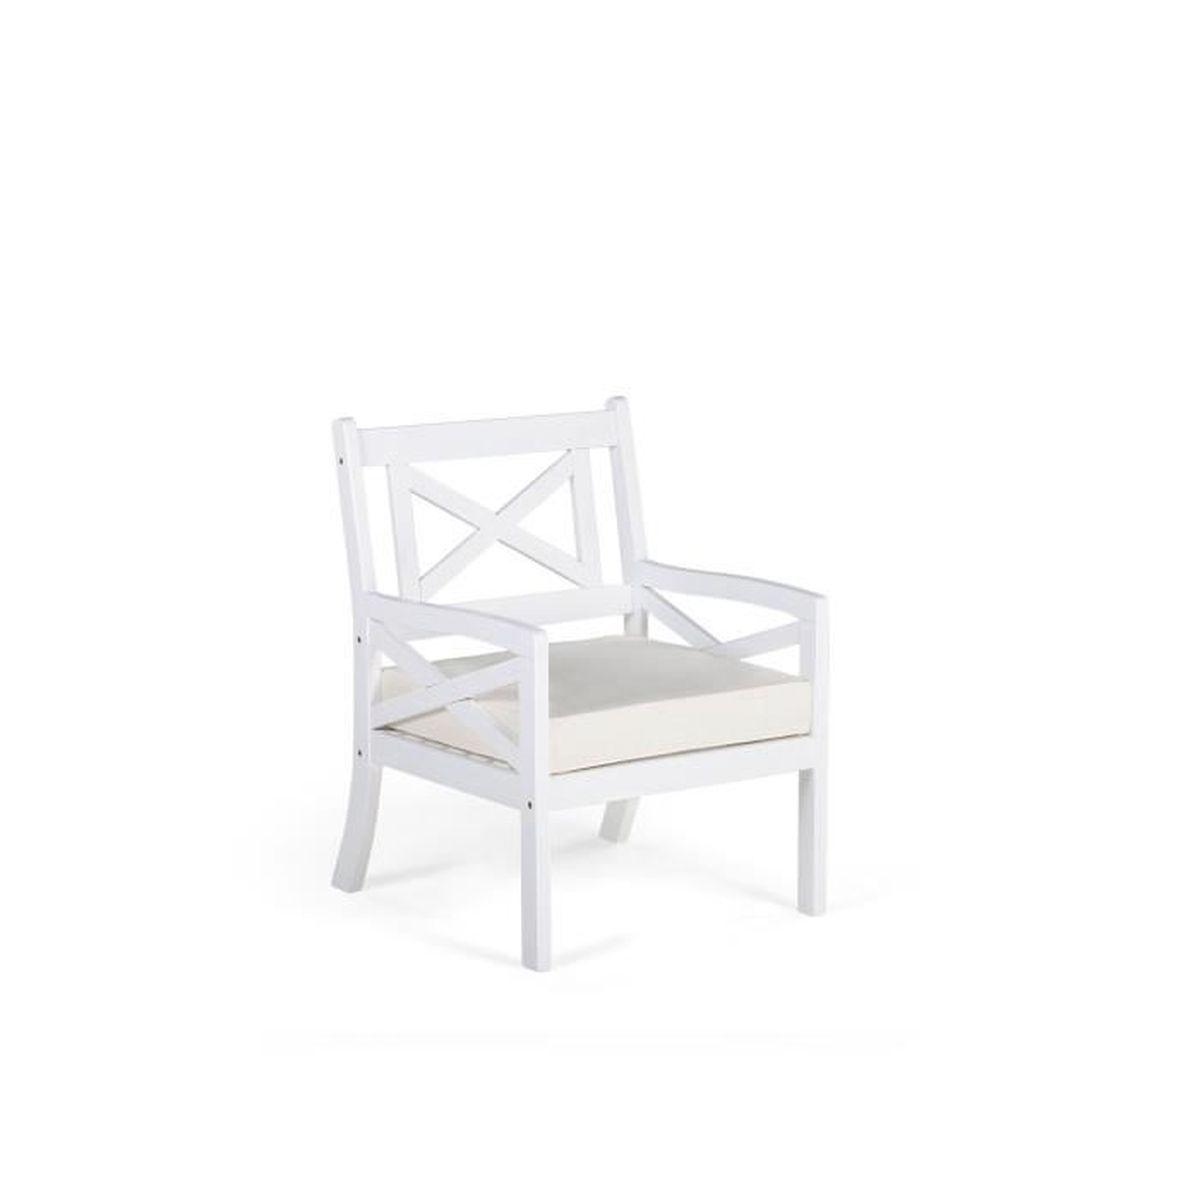 Beliani - Fauteuil de jardin en bois blanc avec coussin beige